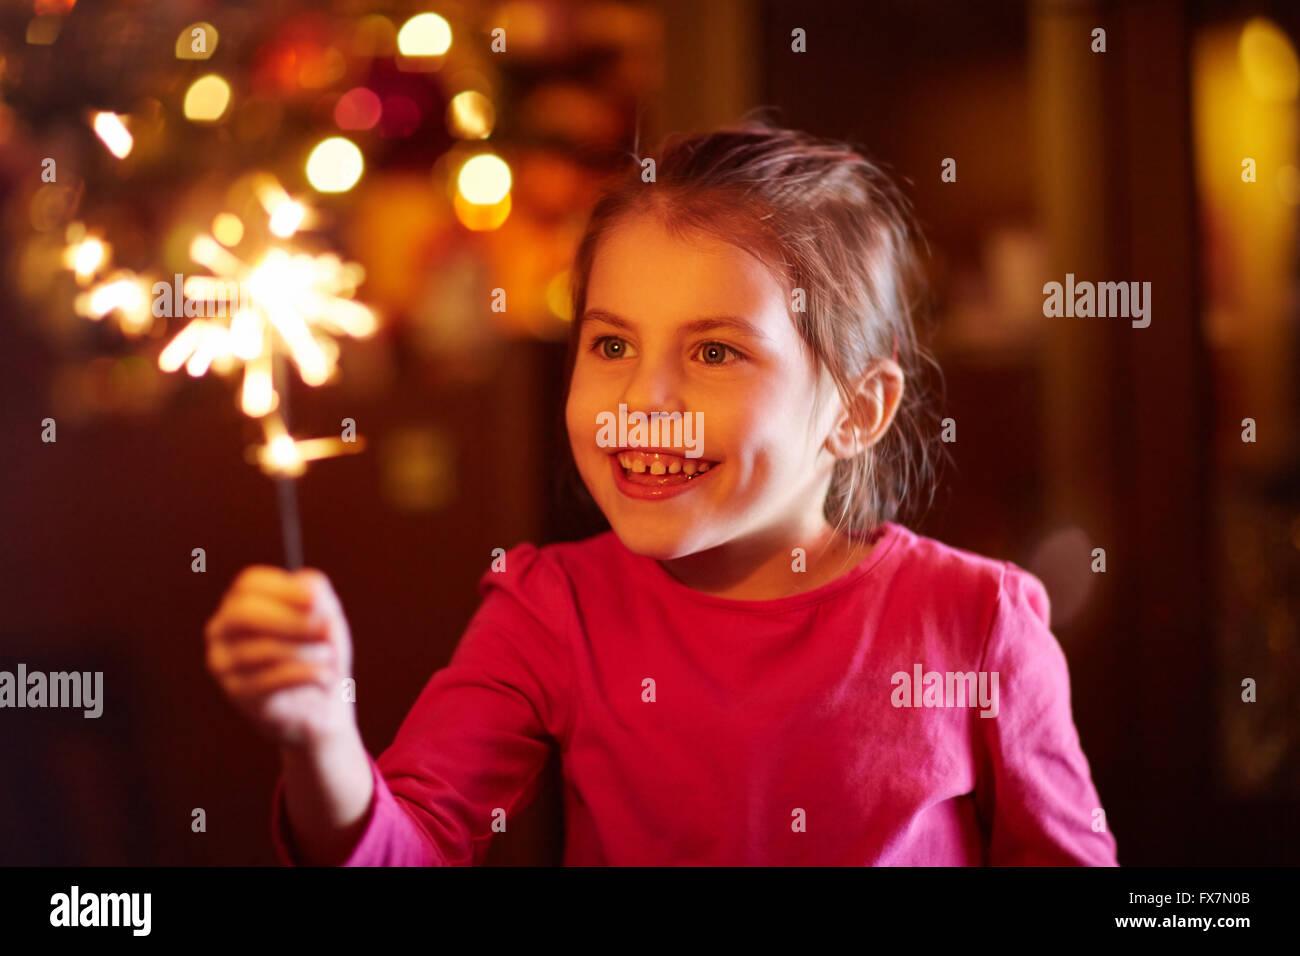 im a fairy